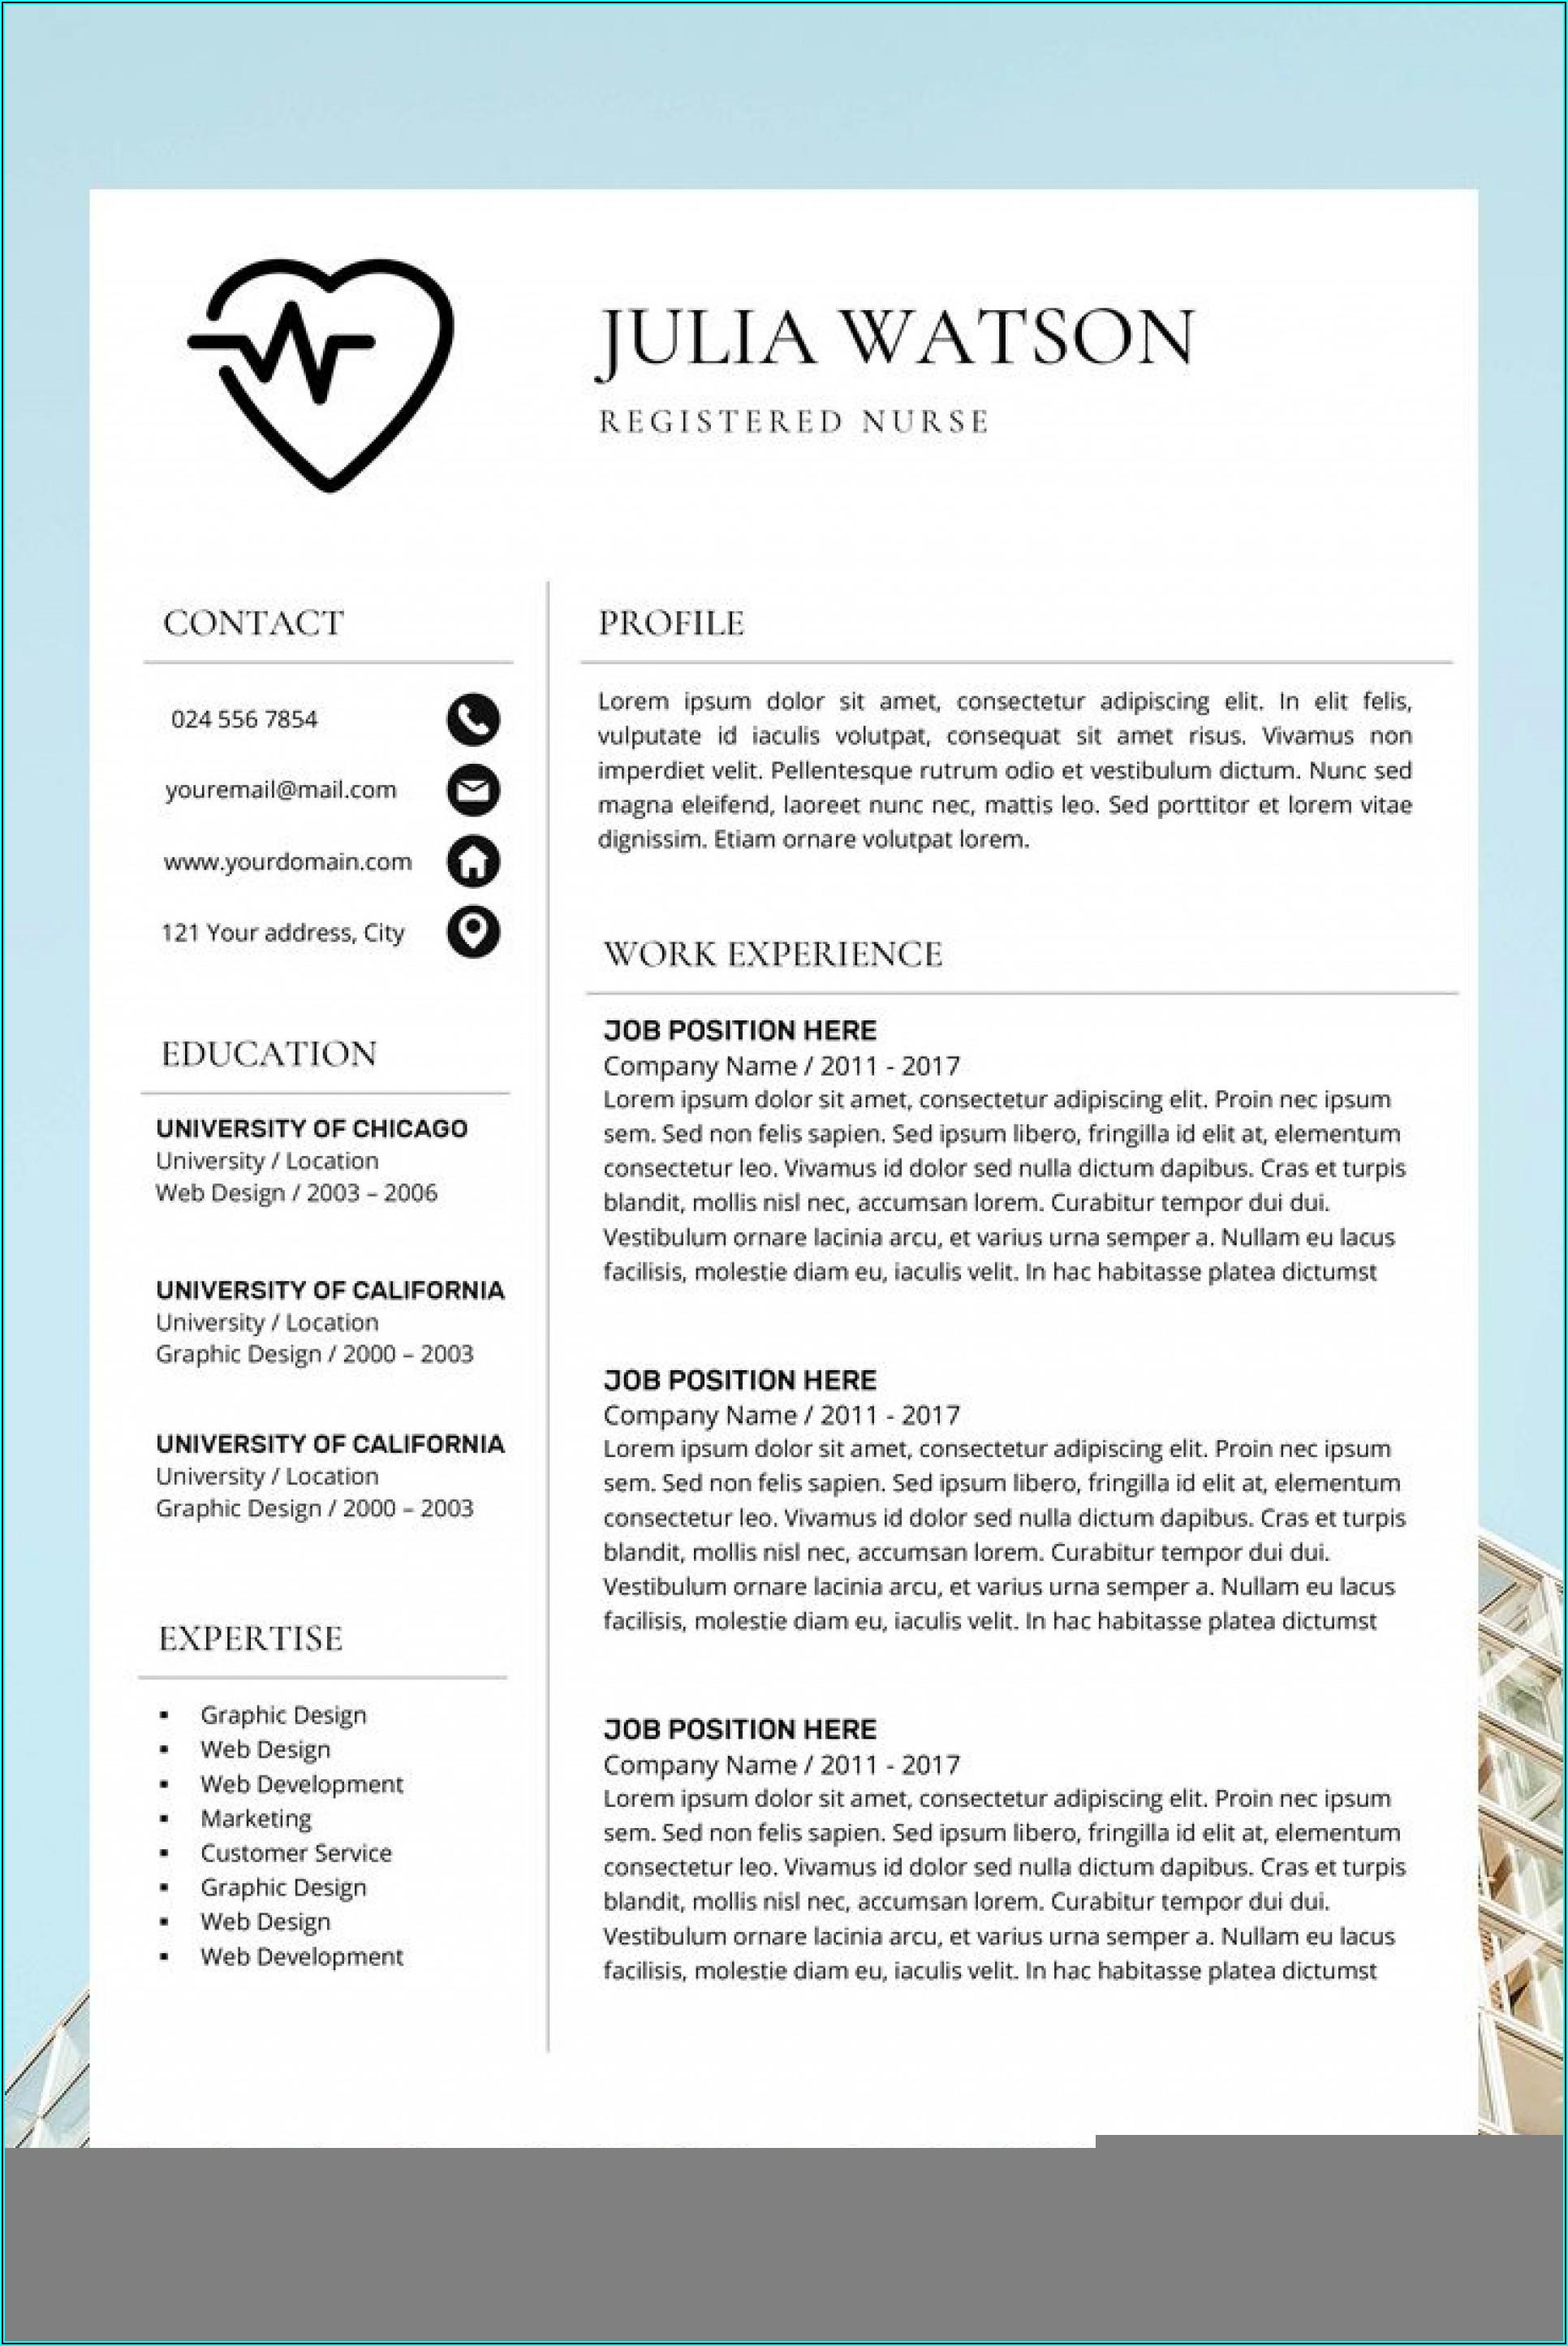 Nursing Resume Template Word Free Download